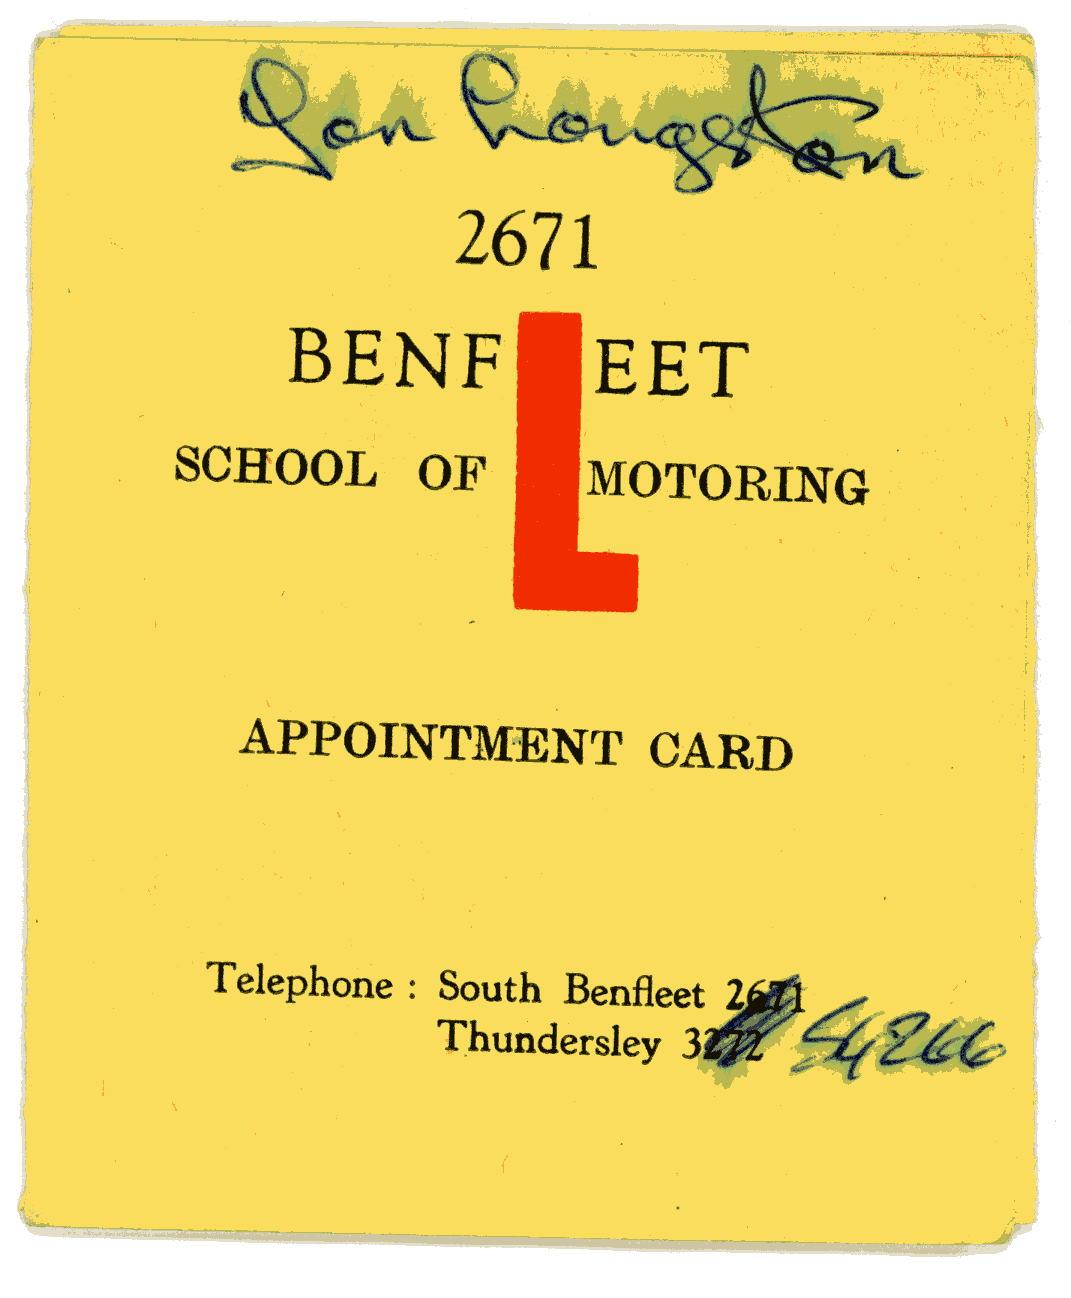 John Langston Motor Lesson Record